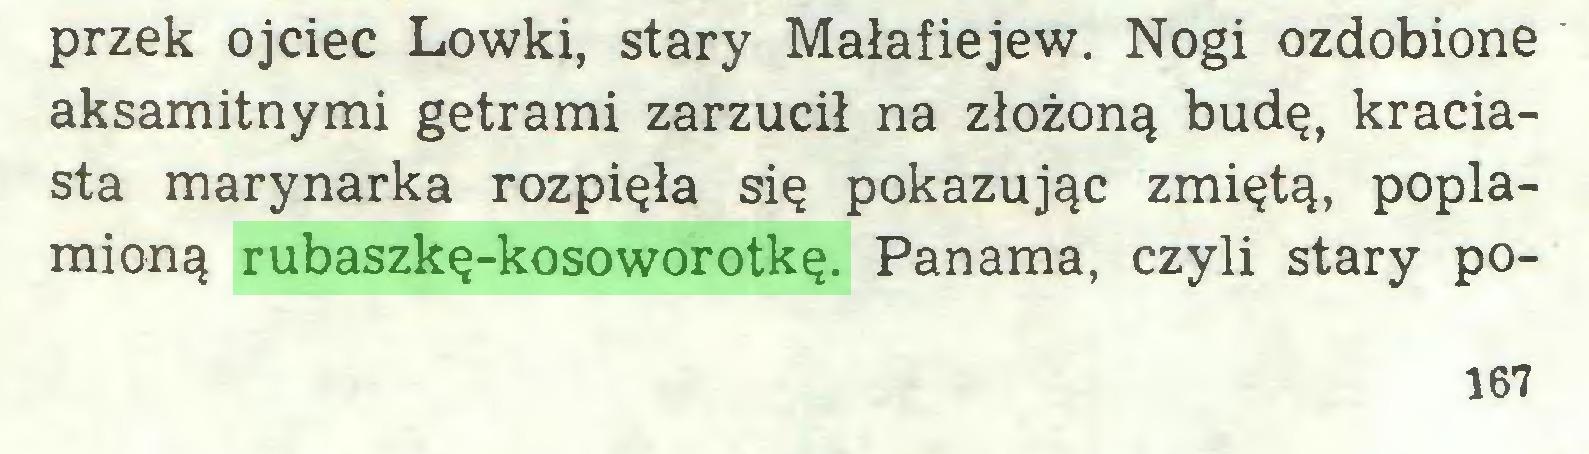 (...) przek ojciec Lowki, stary Małafiejew. Nogi ozdobione aksamitnymi getrami zarzucił na złożoną budę, kraciasta marynarka rozpięła się pokazując zmiętą, poplamioną rubaszkę-kosoworotkę. Panama, czyli stary po167...